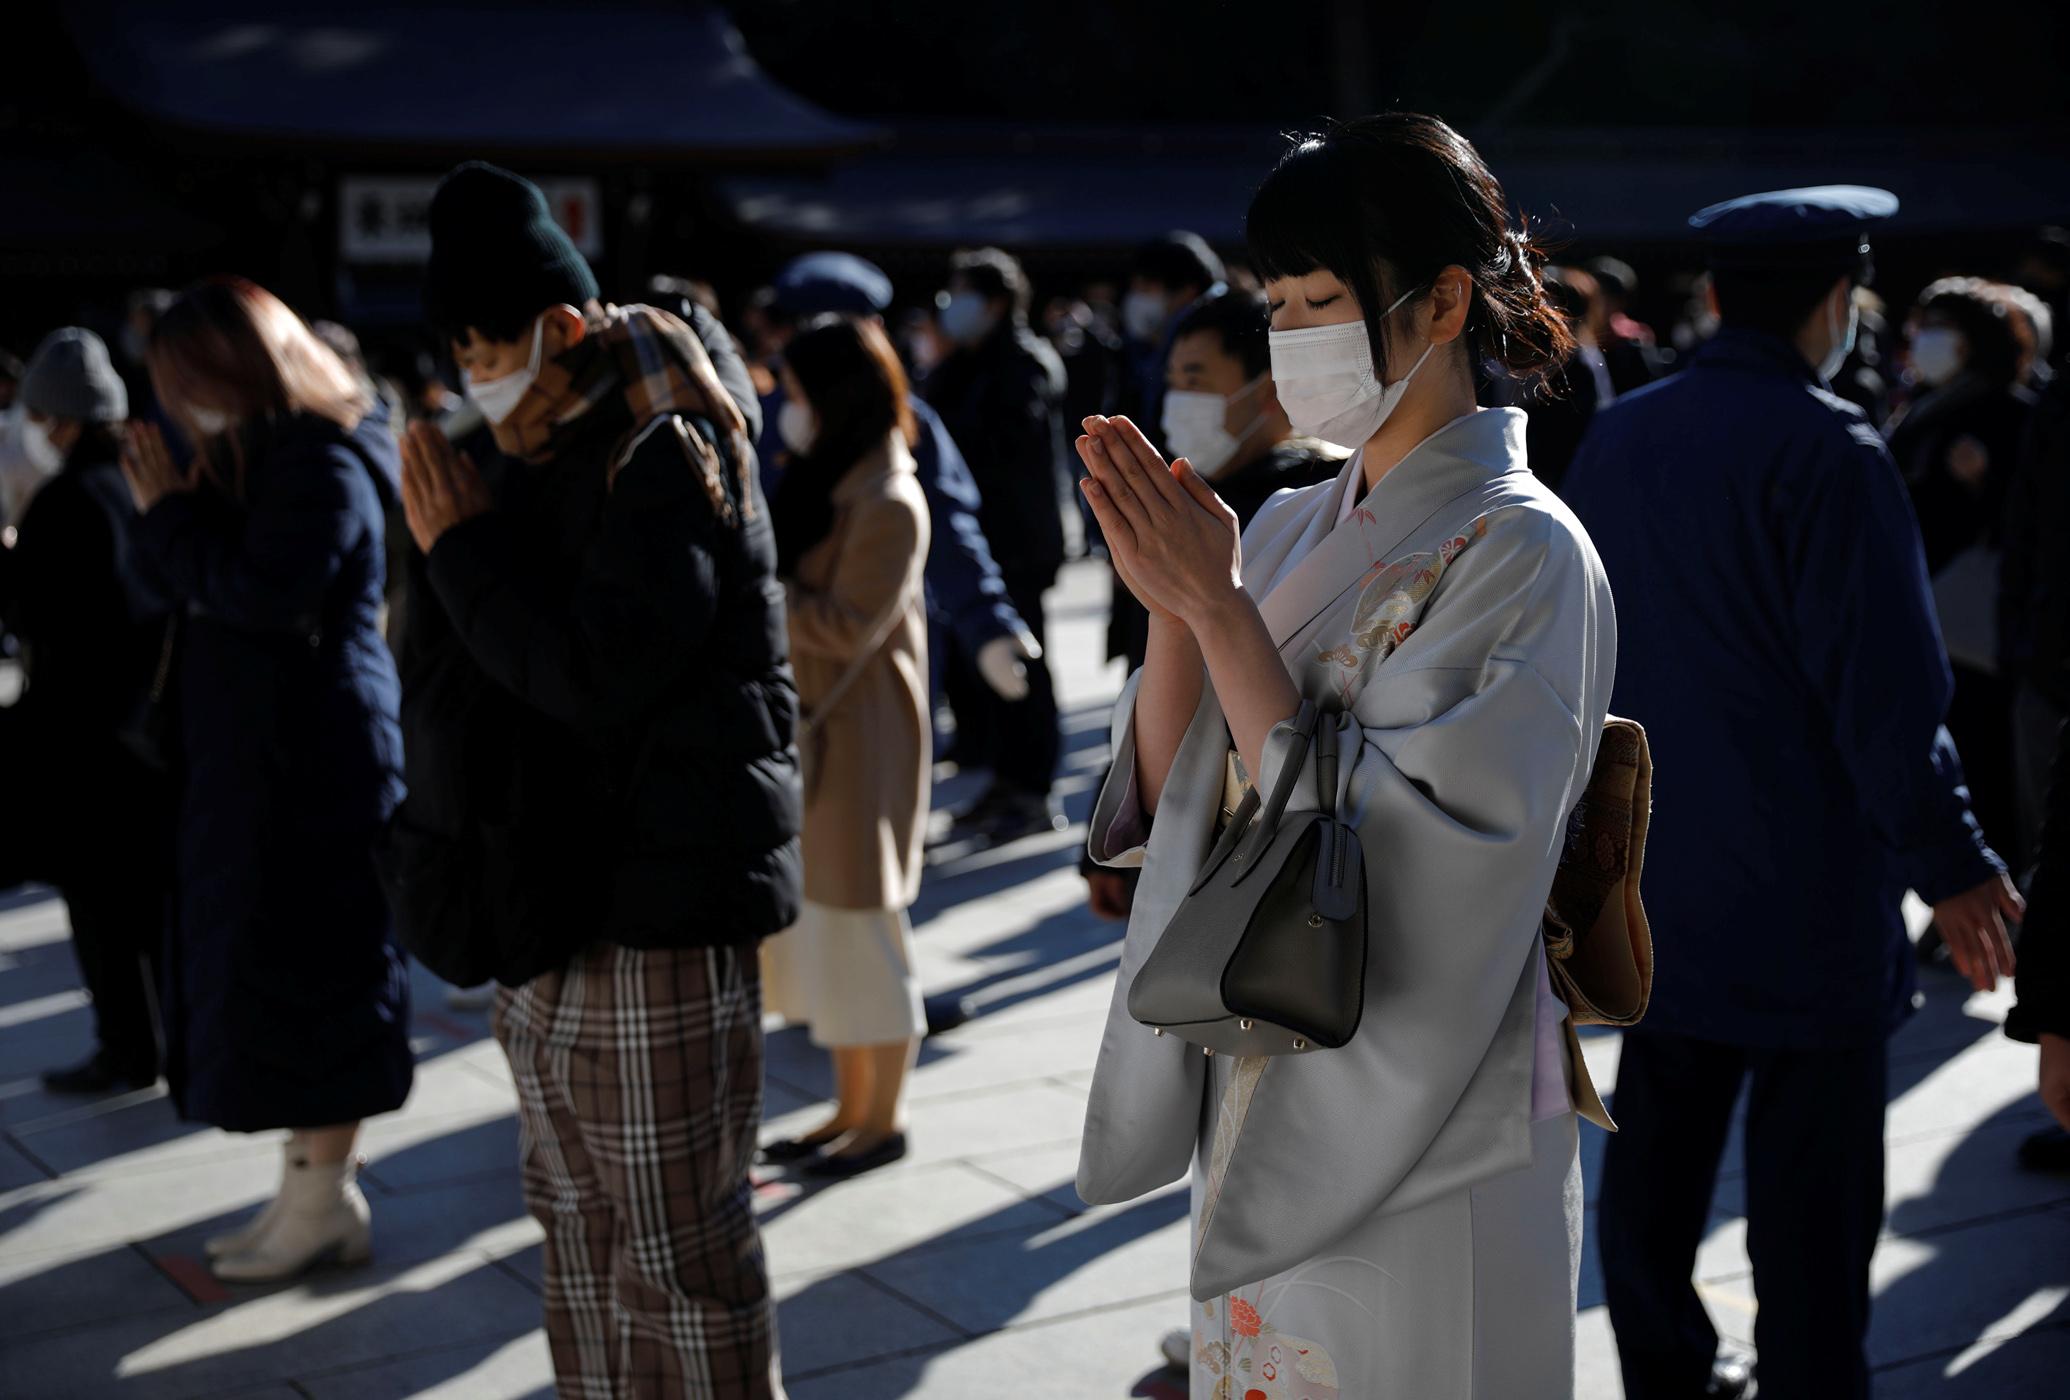 Ιαπωνία: Σε κατάσταση έκτακτης ανάγκης το Τόκιο μετά την αναζωπύρωση των κρουσμάτων